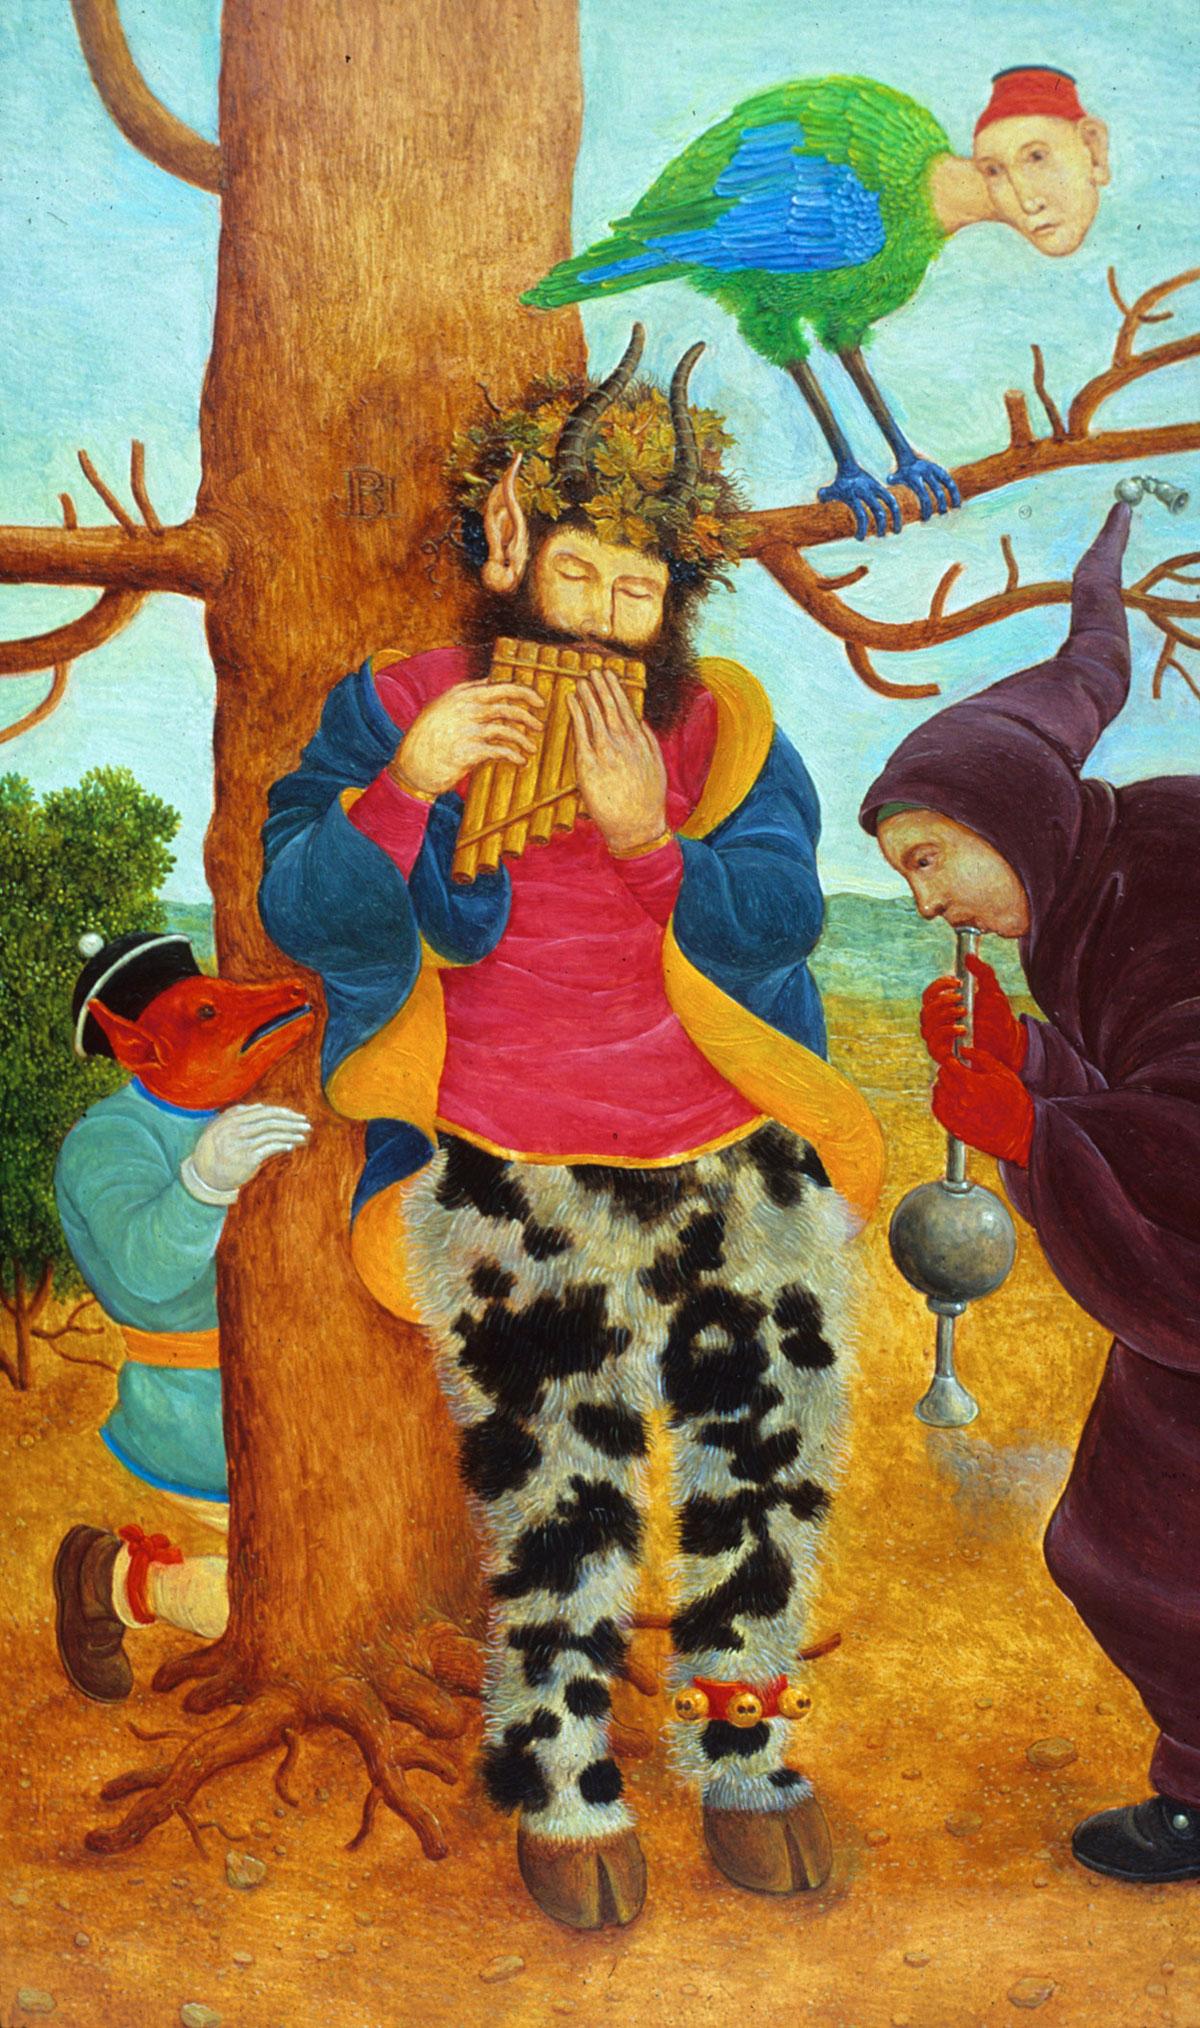 Philippe Briard - Petit concert champêtre ou l'après-midi d'un faune, 1992, huile sur panneau, 10,5 x 17,5 cm